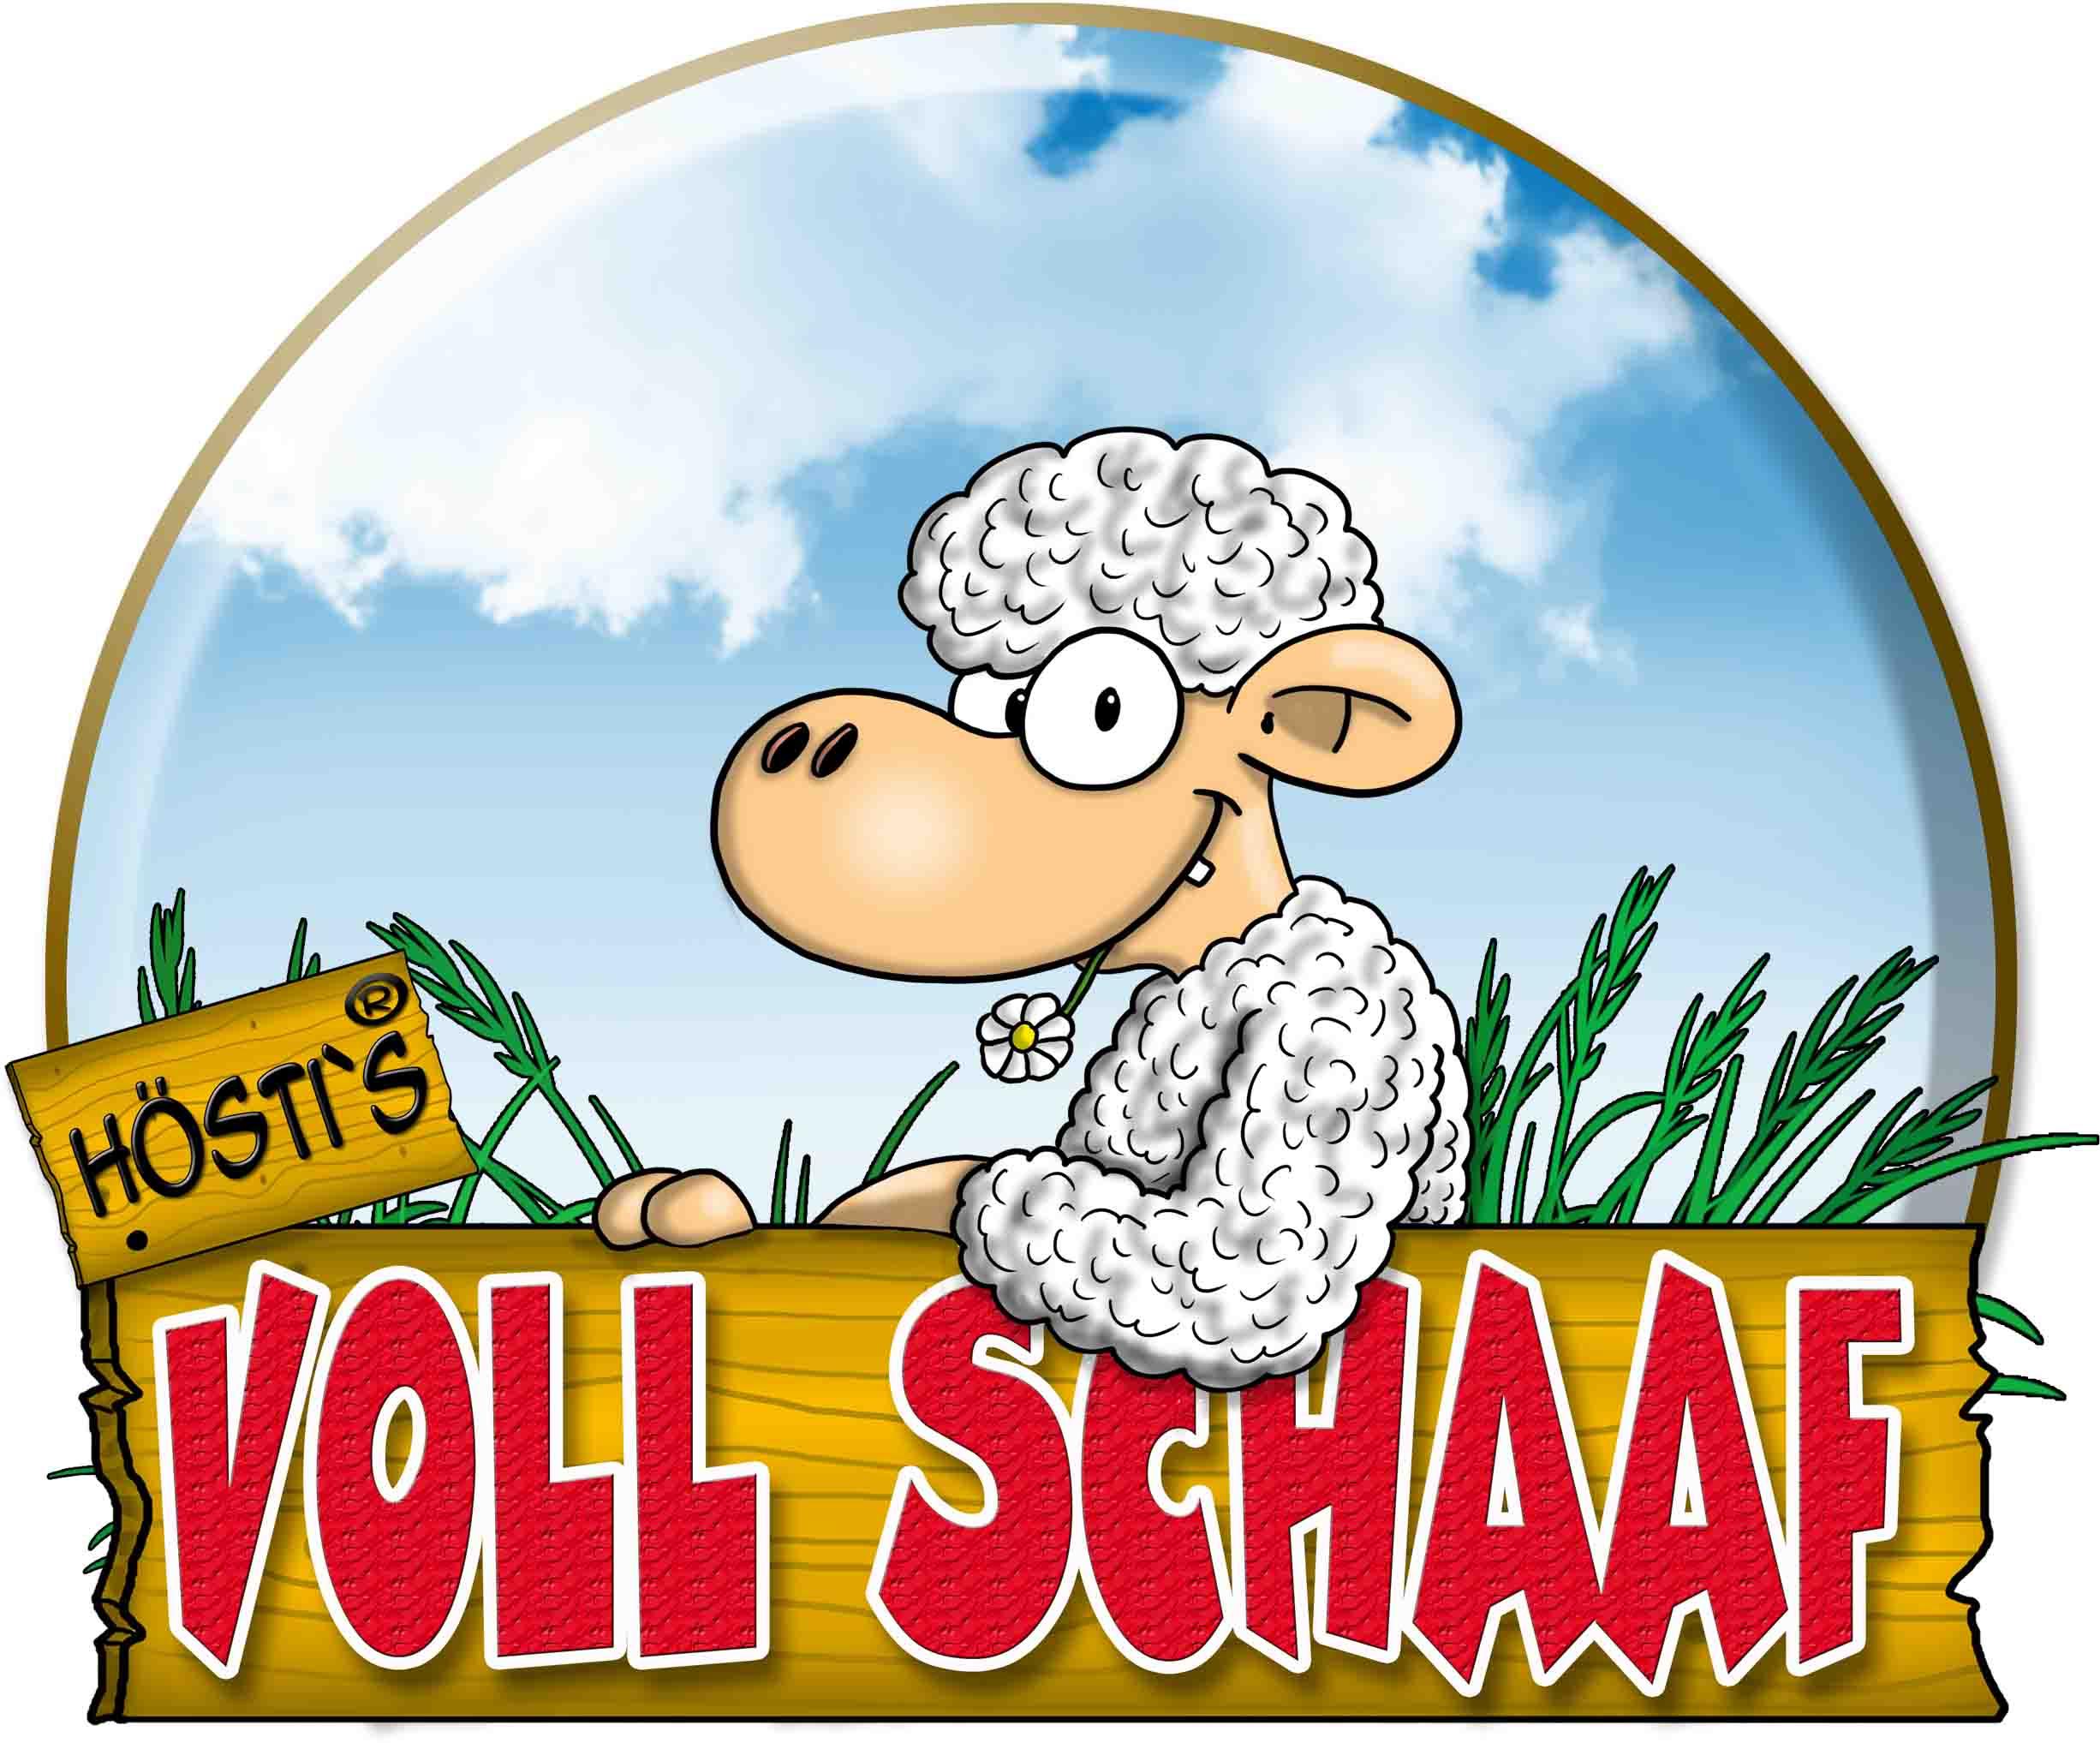 LOGO VOLL SCHAAF 1